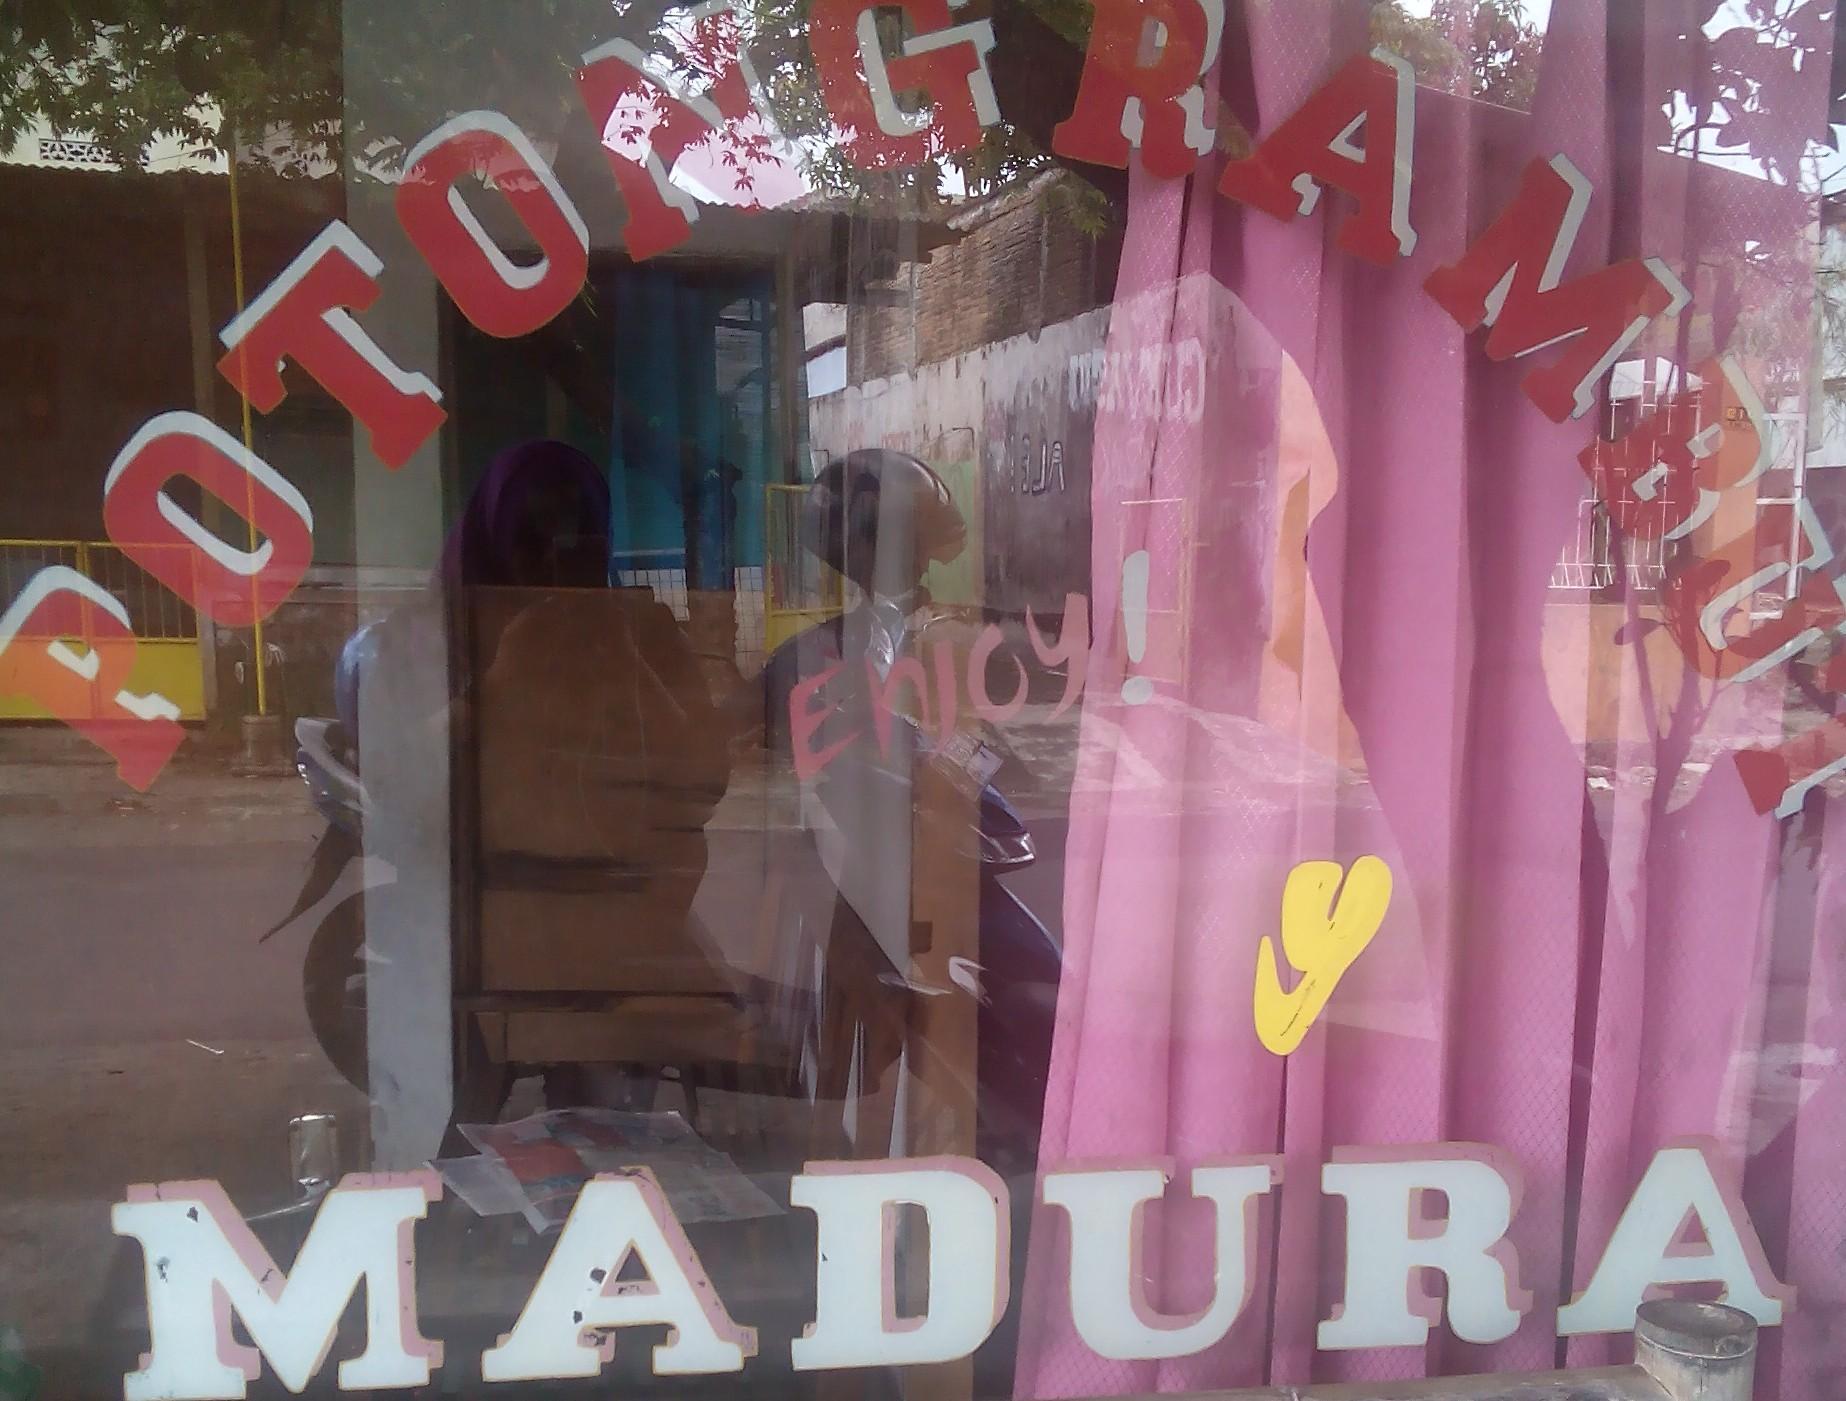 Selama kepala ditumbuhi rambut, orang Madura bisa hidup